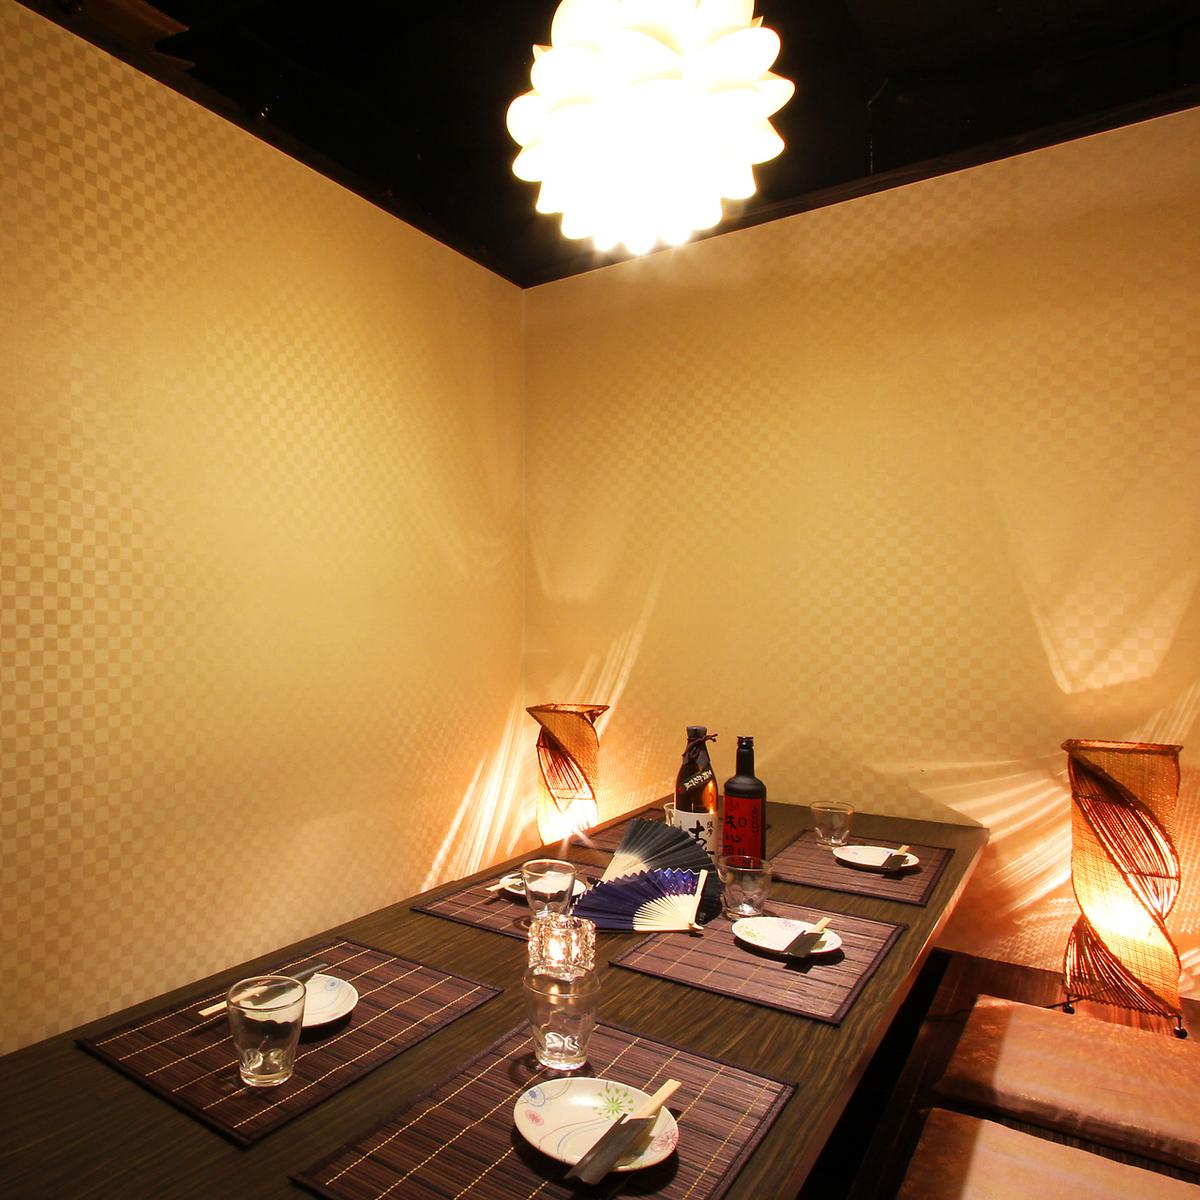 图片是10人完美的私人房间★指导完成任何人的私人房间★